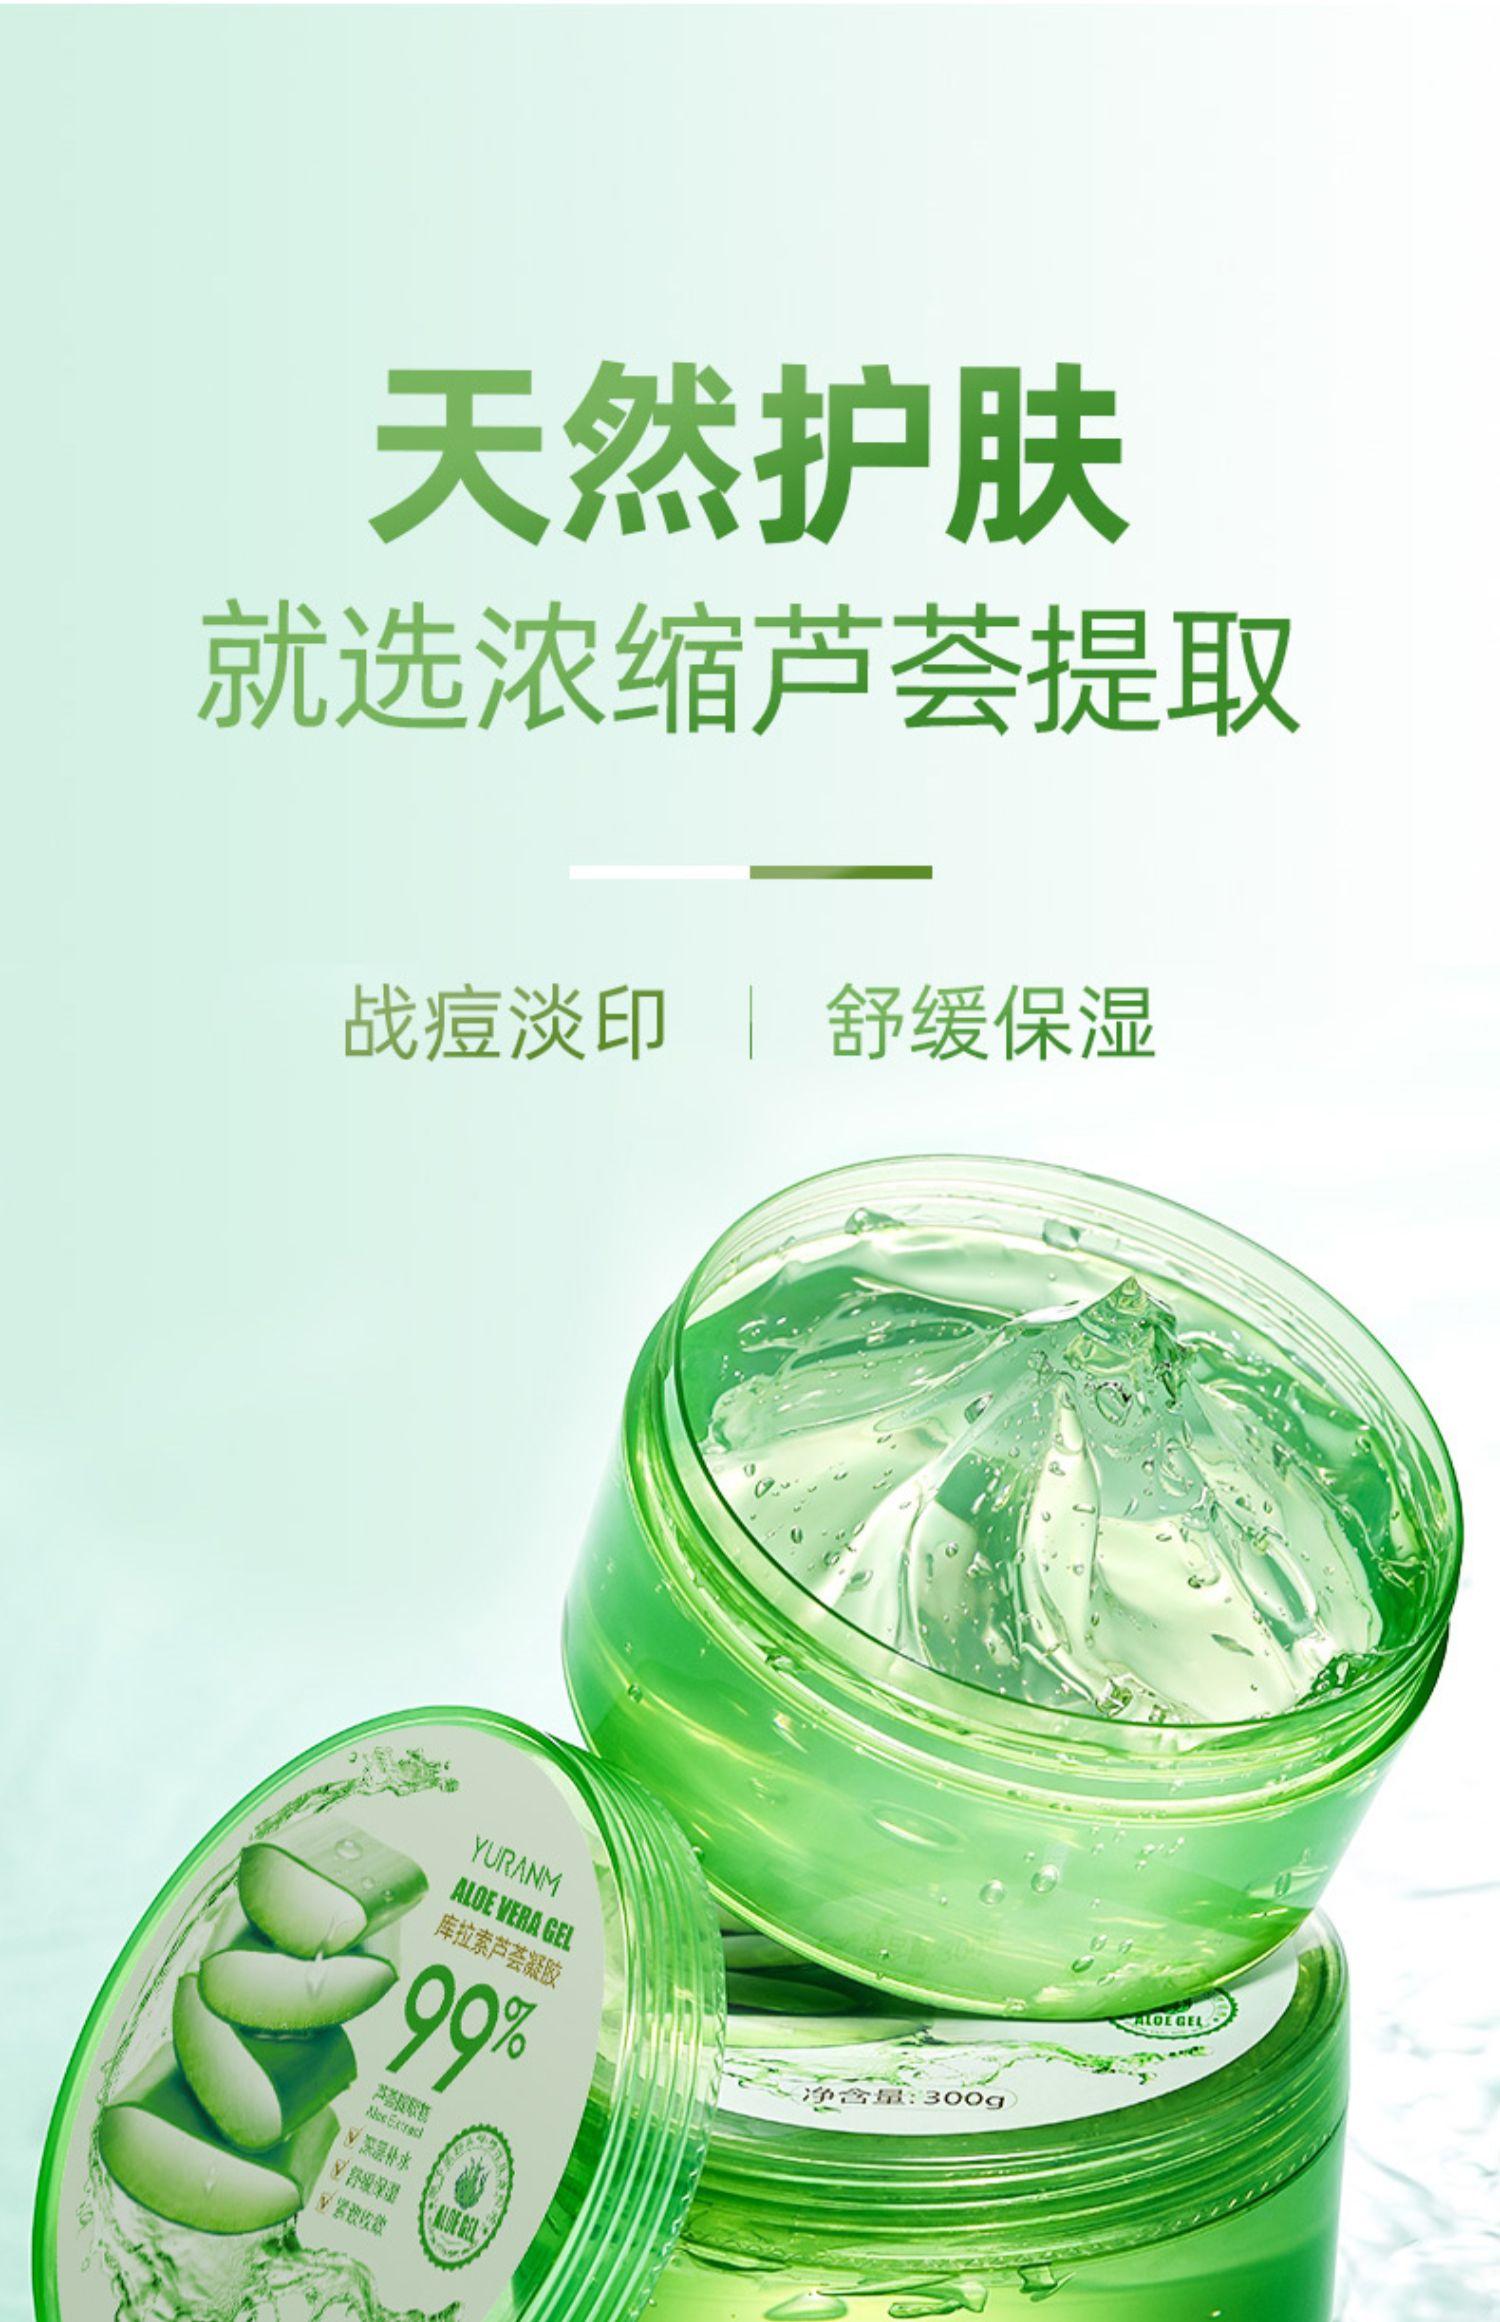 【瑜然美】祛痘淡印芦荟胶300g5